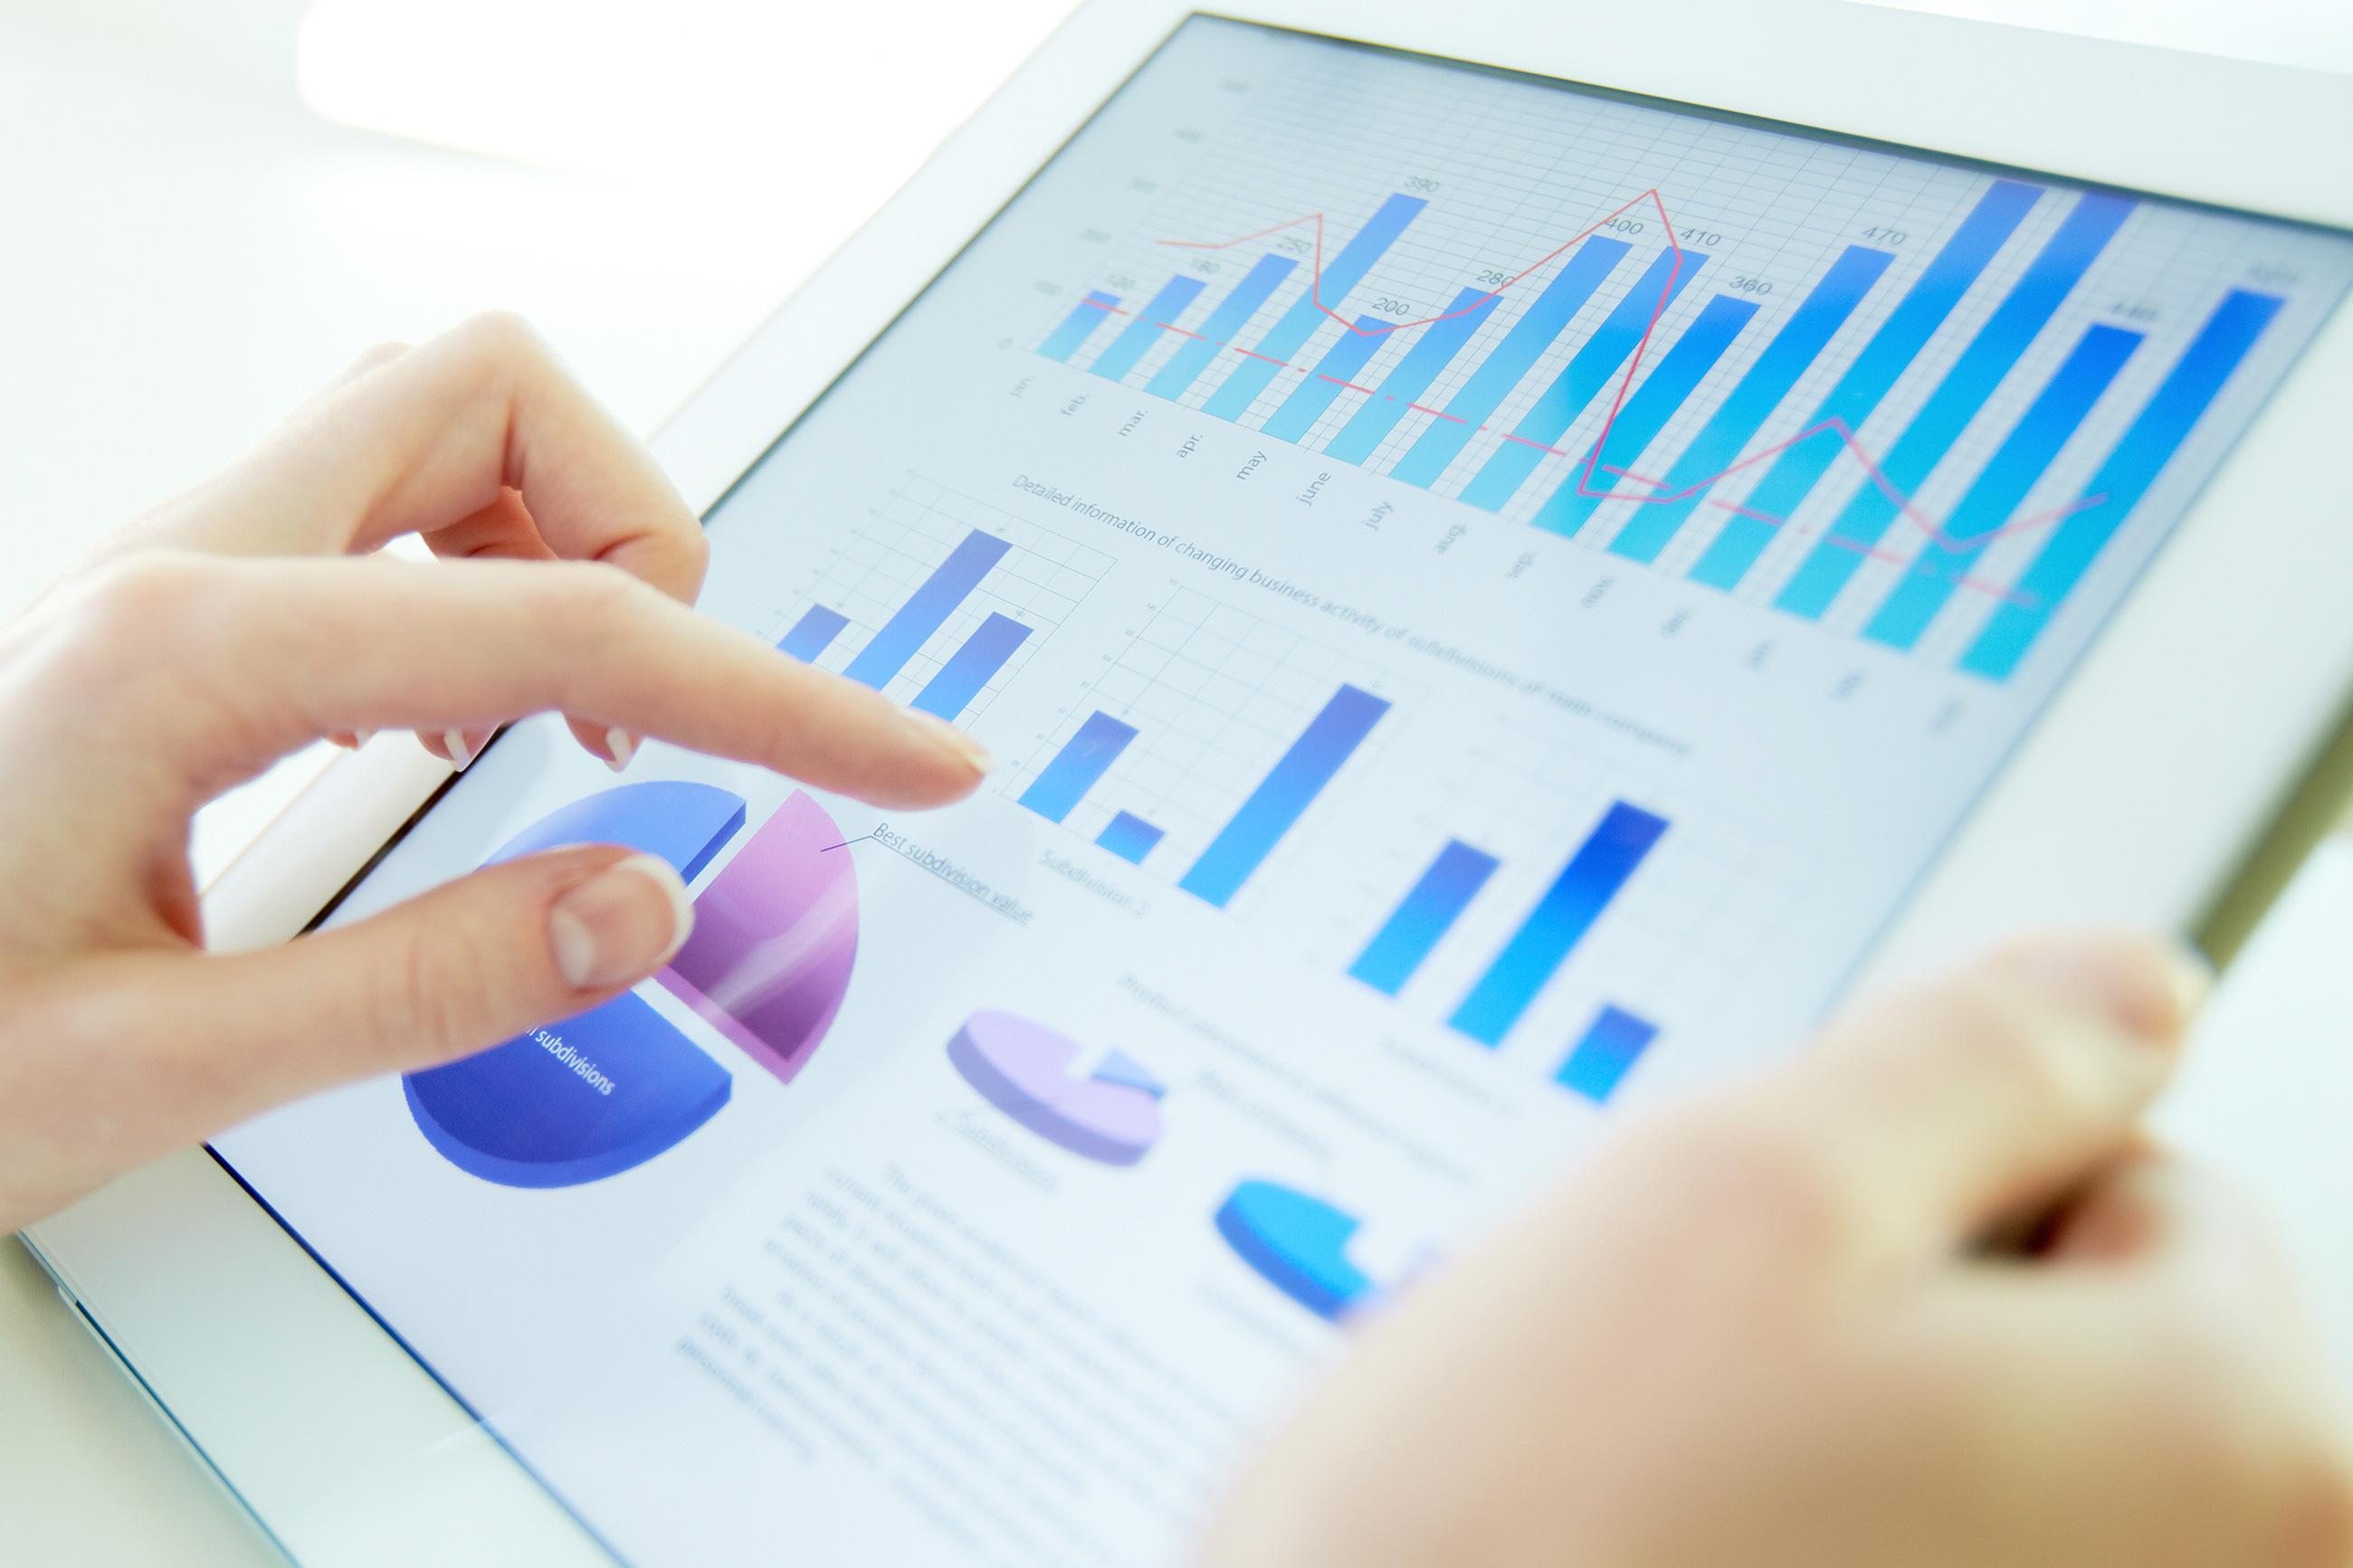 Tillväxt är avgörande, statistik i e-handelsplattform